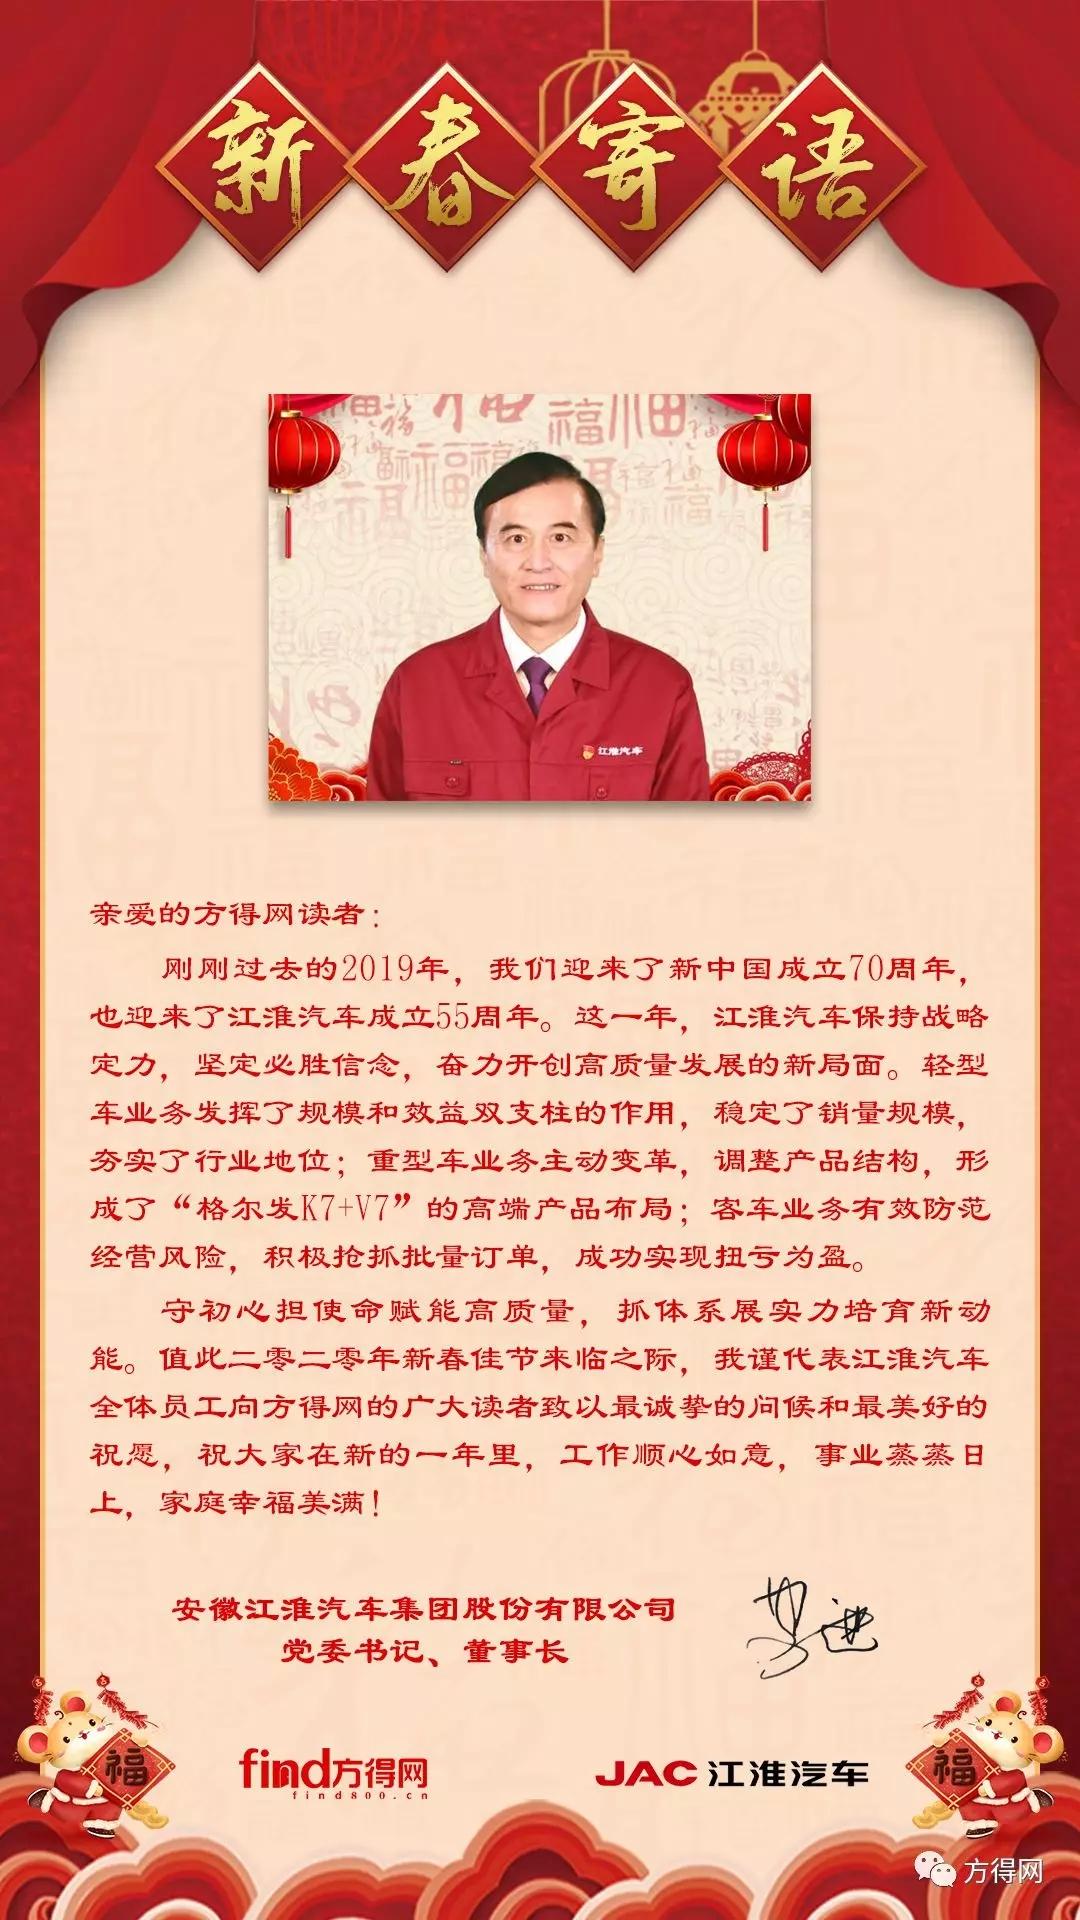 安徽江淮汽车集团股份有限公司党委书记、董事长安进给您拜年了